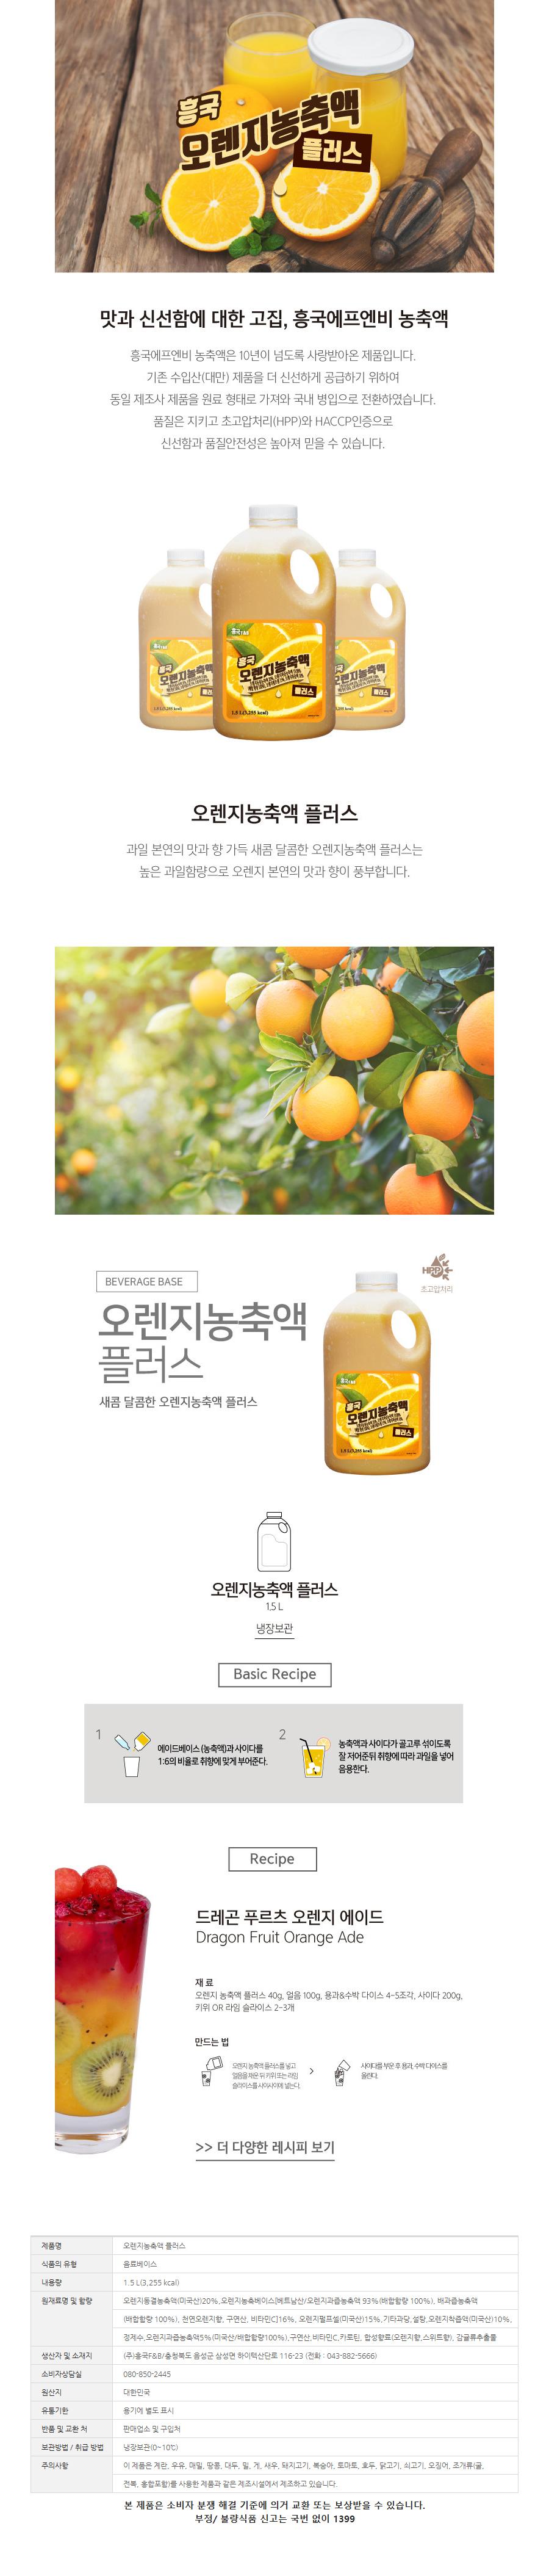 Plus_Orange1.5L